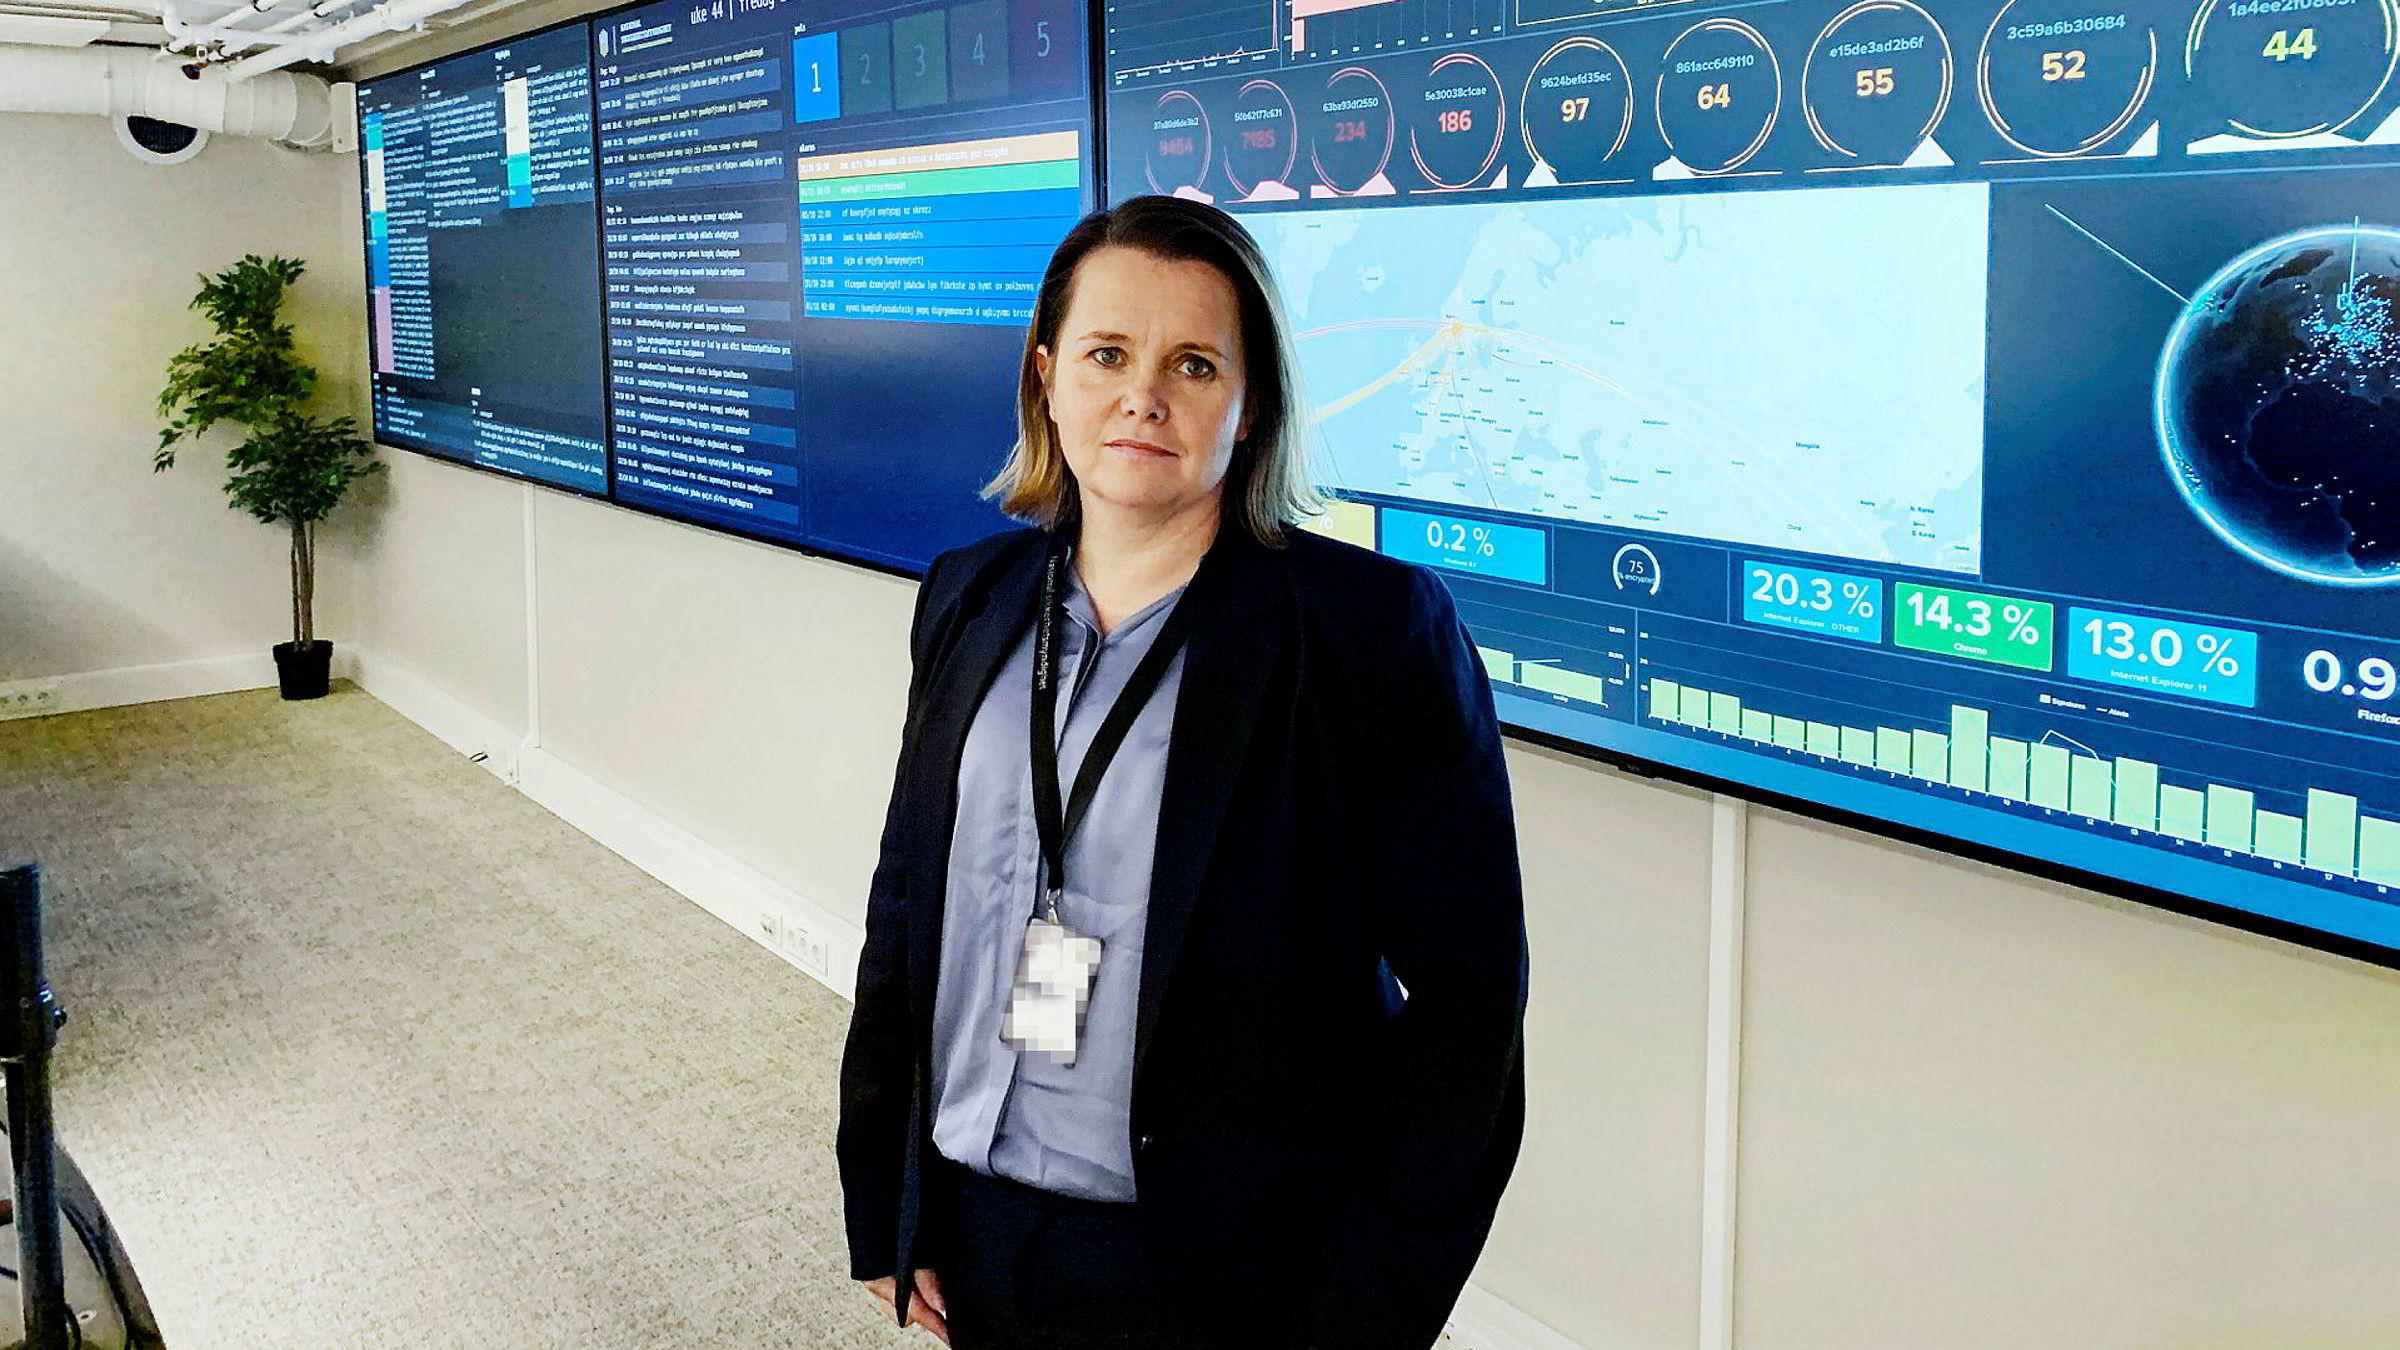 – Koronasituasjonen utnyttes på flere måter. Flere har rapportert om epostkampanjer med skadevare som bevisst utnytter koronasituasjonen, sier avdelingsdirektør i Nasjonal sikkerhetsmyndighet, Bente Hoff i situasjonsrommet til Nasjonalt cybersikkerhetssenter i Oslo, som hun leder.